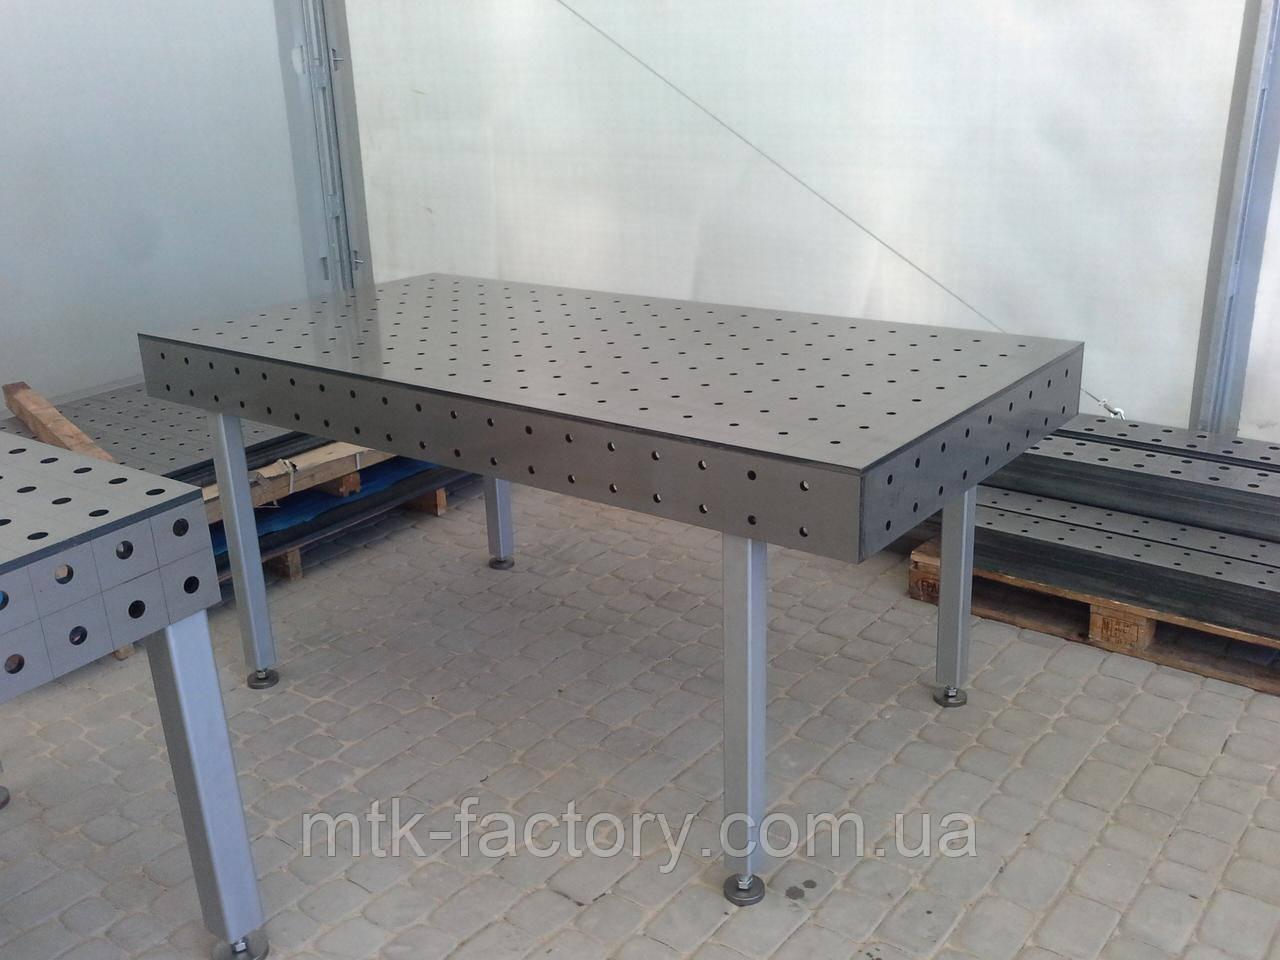 Стіл для зварювання MTK S16/100  2000х1000 (12мм)